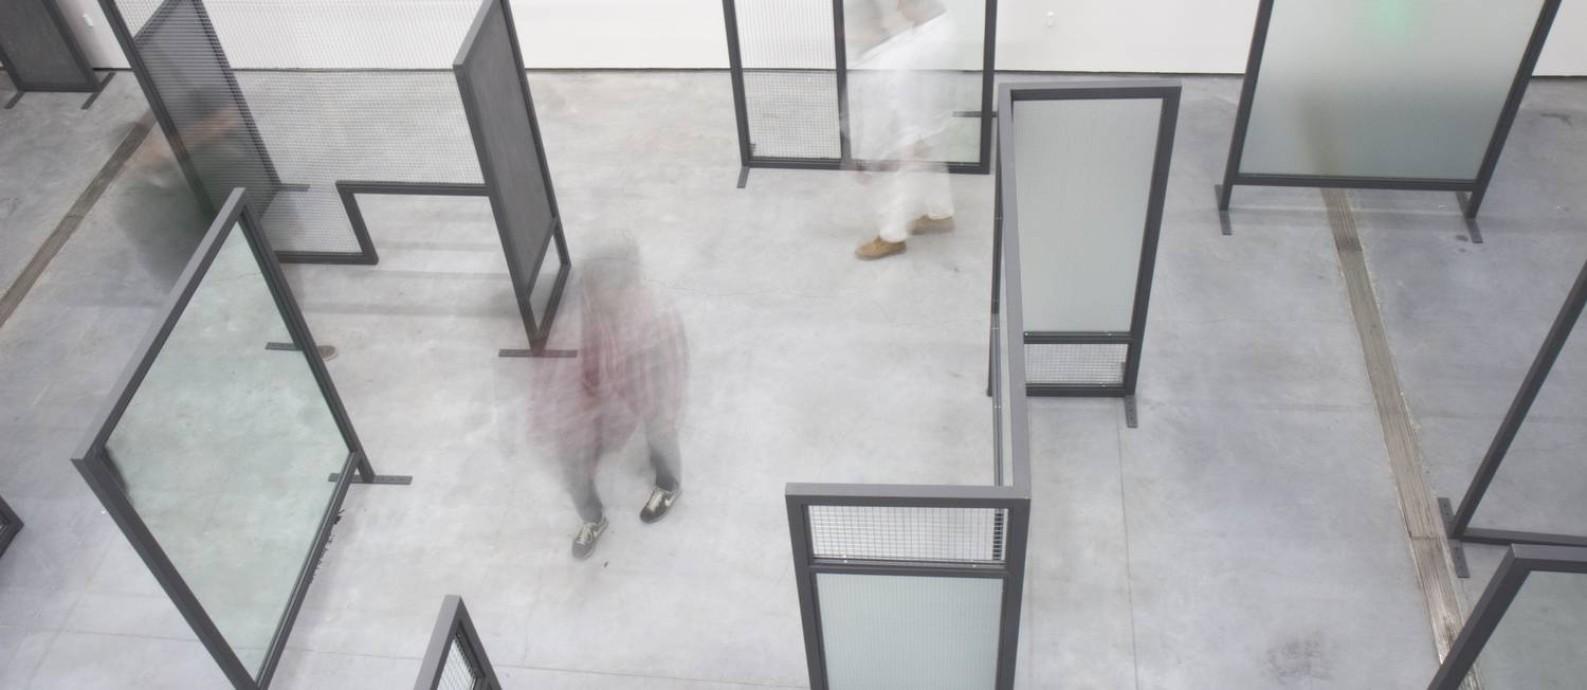 André Komatsu trabalhou em Pequim para construir a instalação labiríntica da exposição Foto: Divulgação